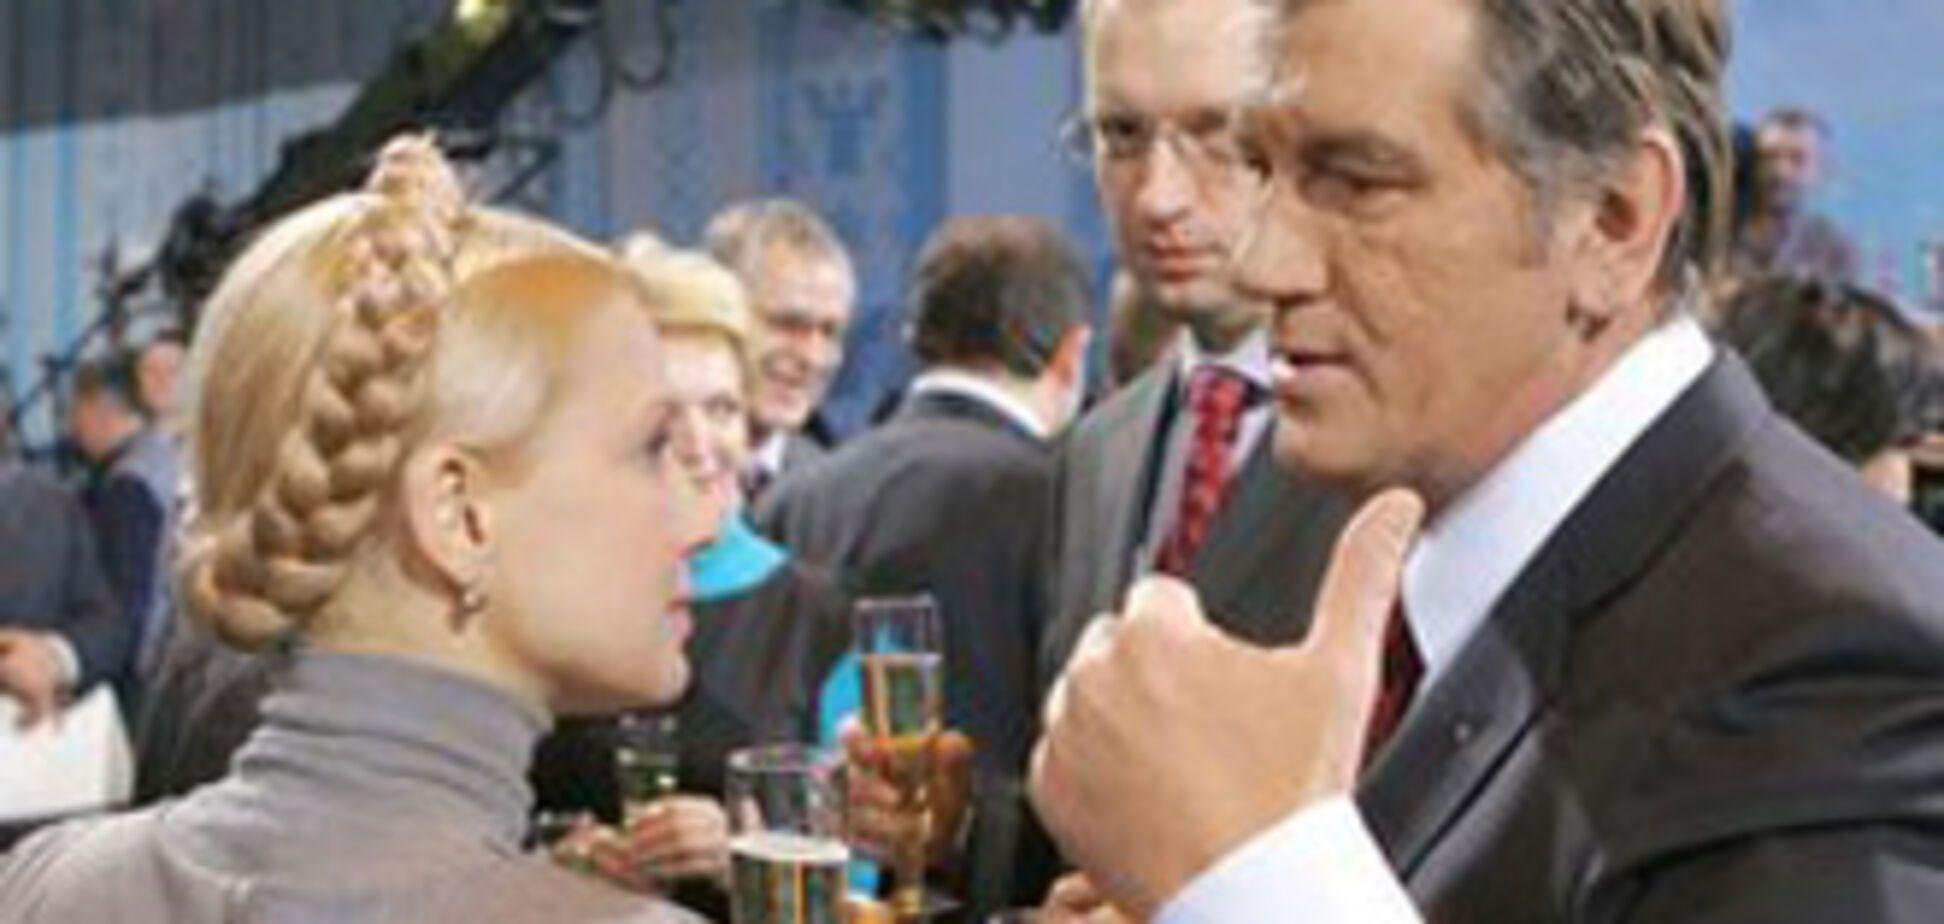 Ющенко, Тимошенко, Литвин - двоє з них повинні 'сидіти'